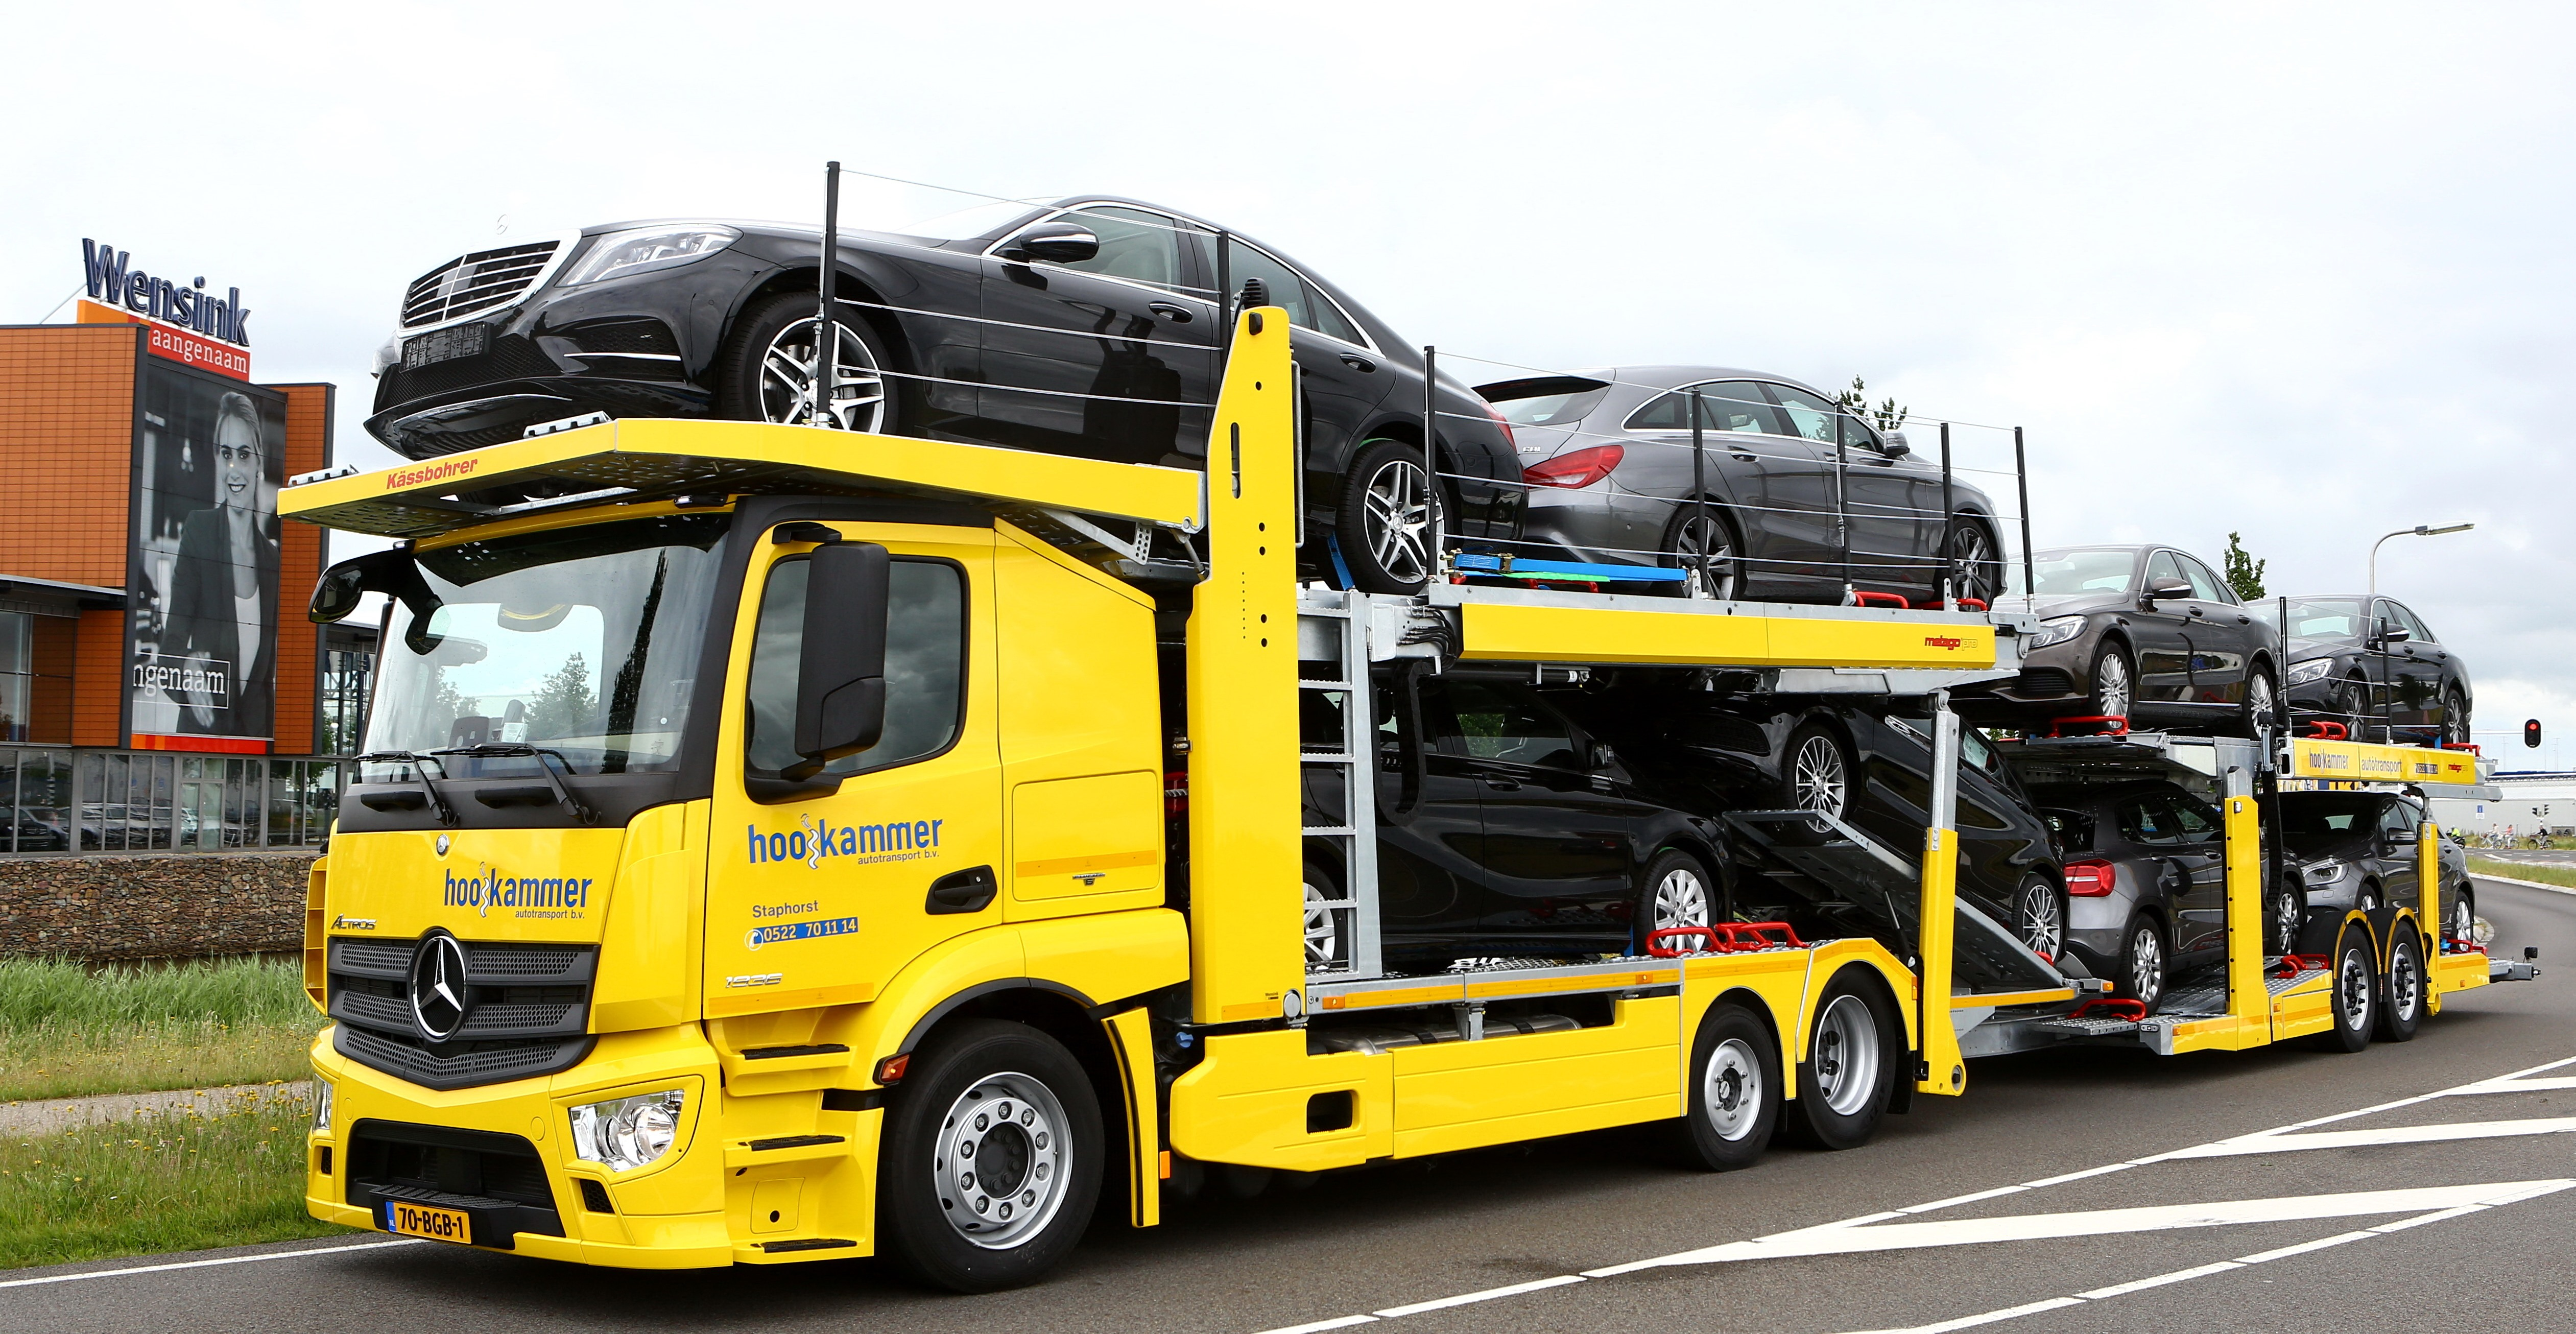 Actros autotransporter voor Hooikammer • TTM.nl